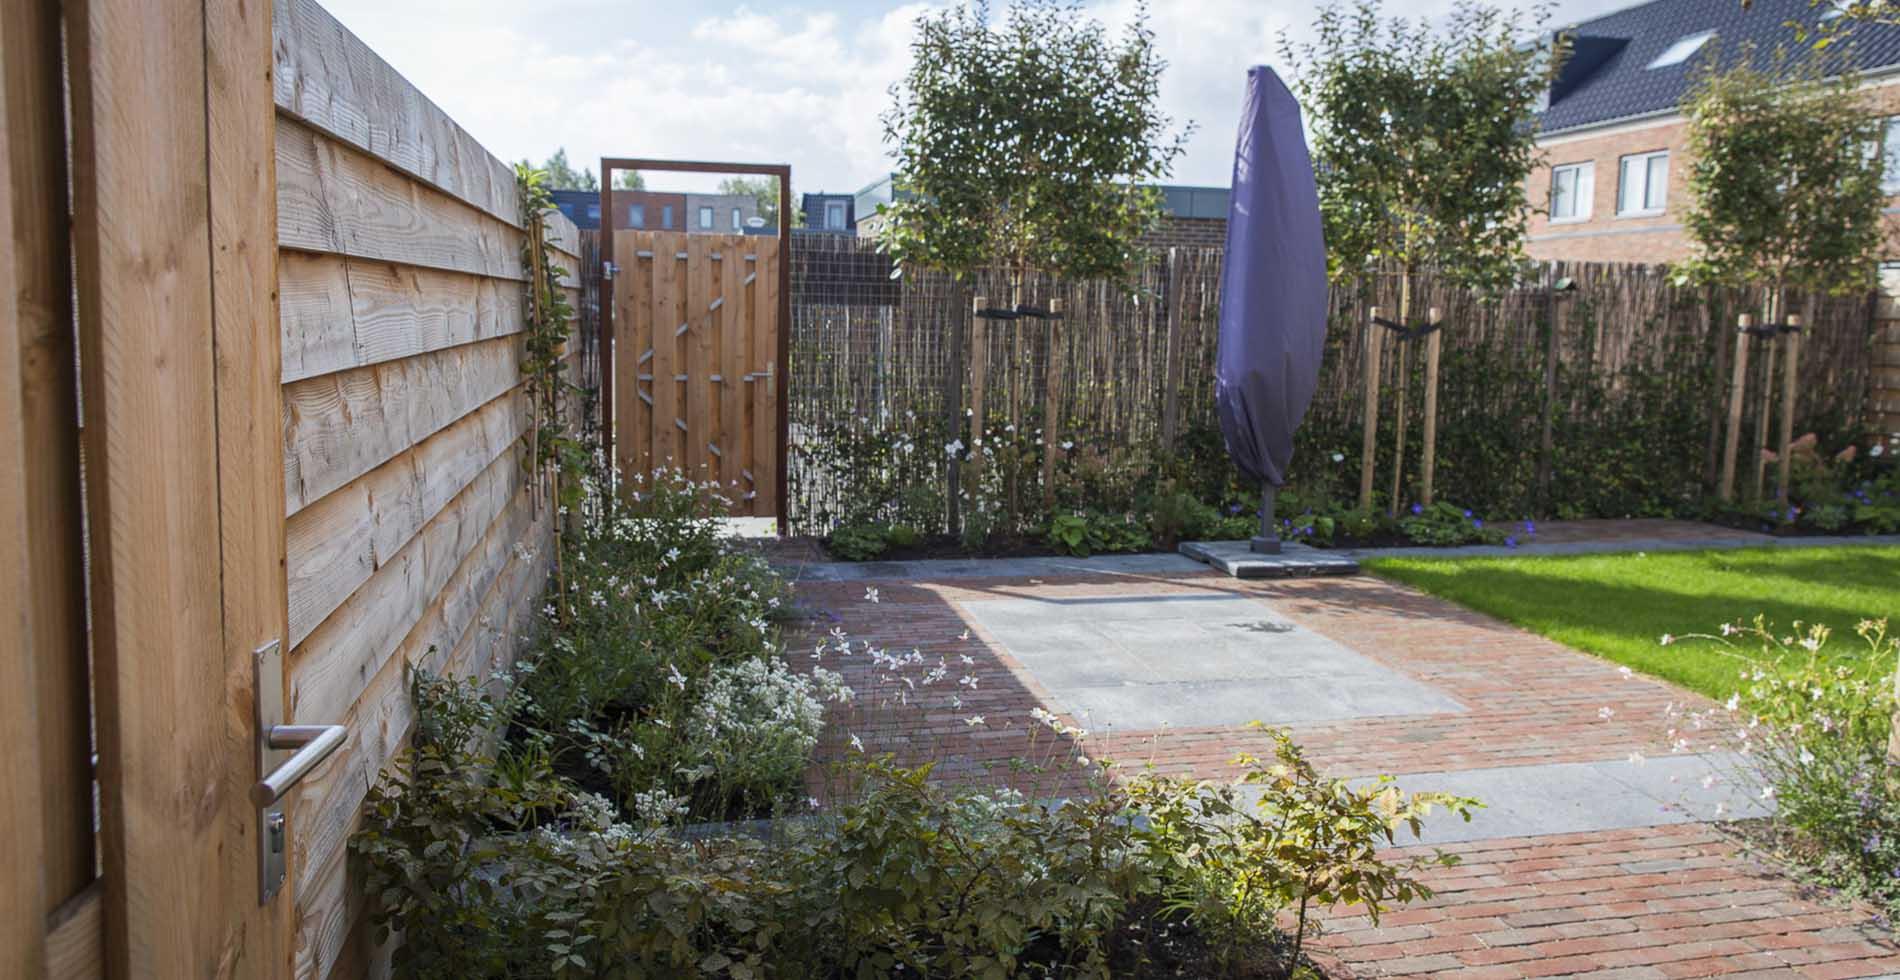 Ontwerp Kleine Tuin : Leuk ontwerp voor een kleine tuin filius hoveniers